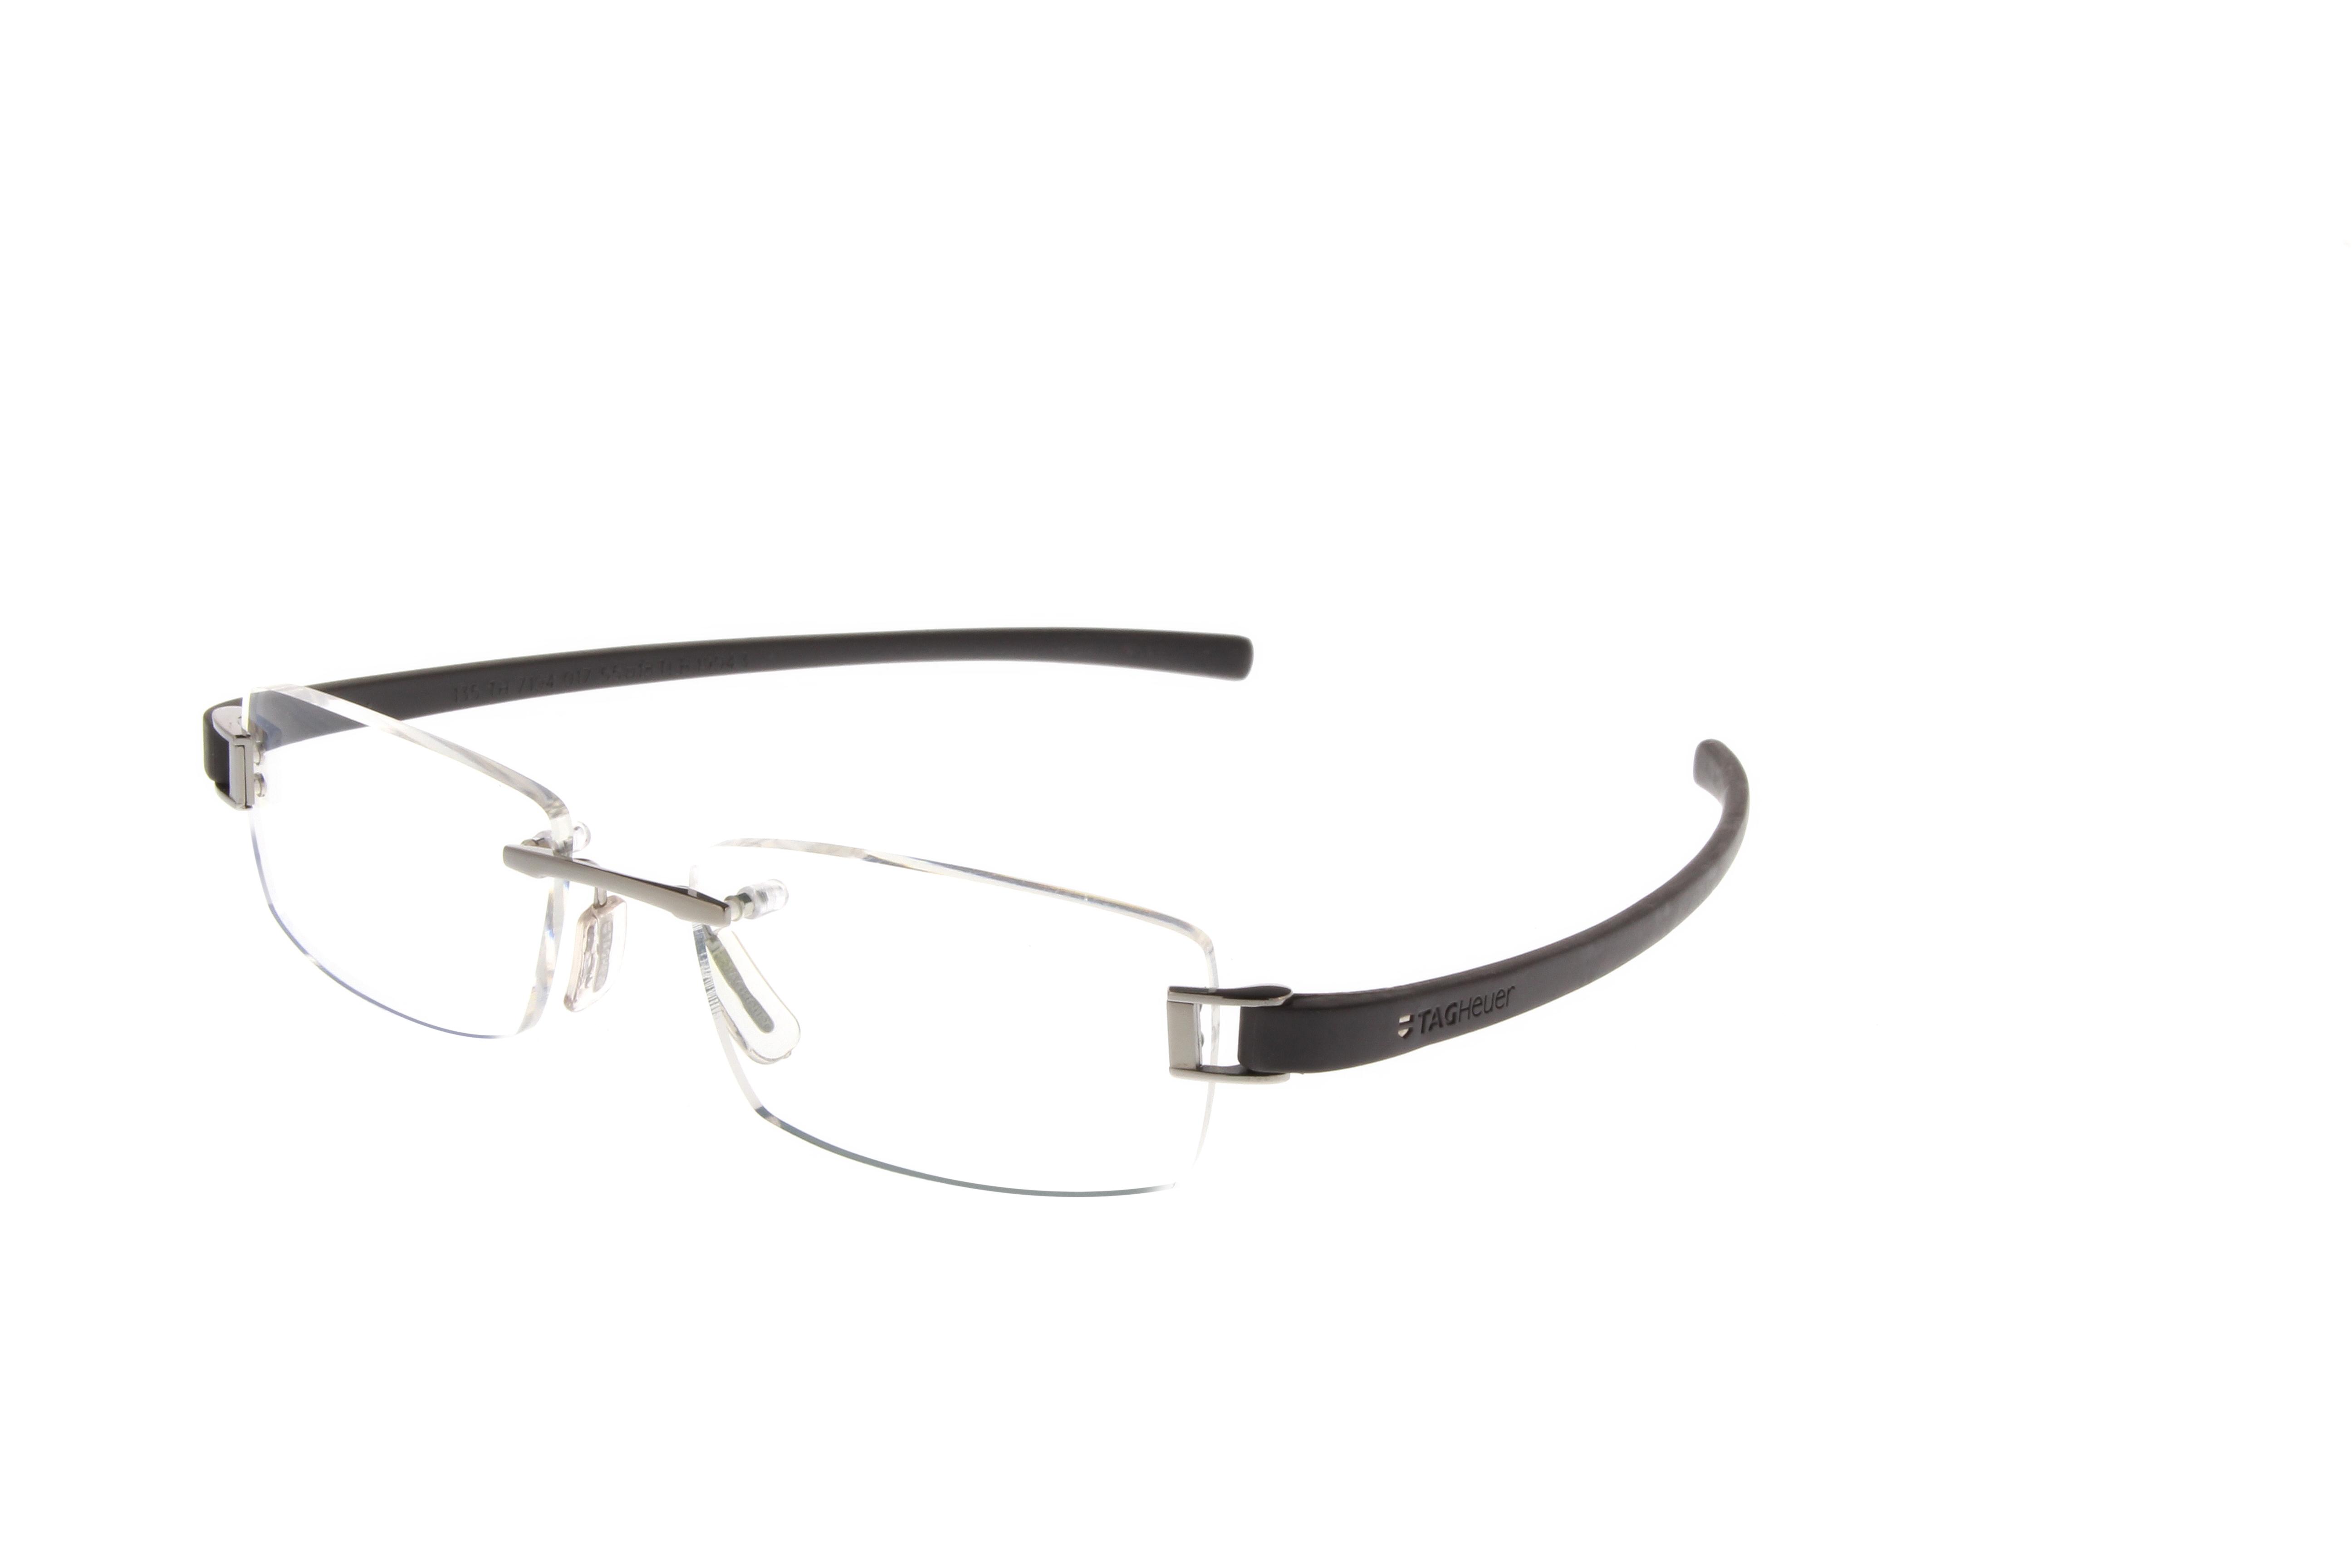 Tag Heuer Eyeglass Frame Repair : Tag Heuer 7104 Eyeglasses